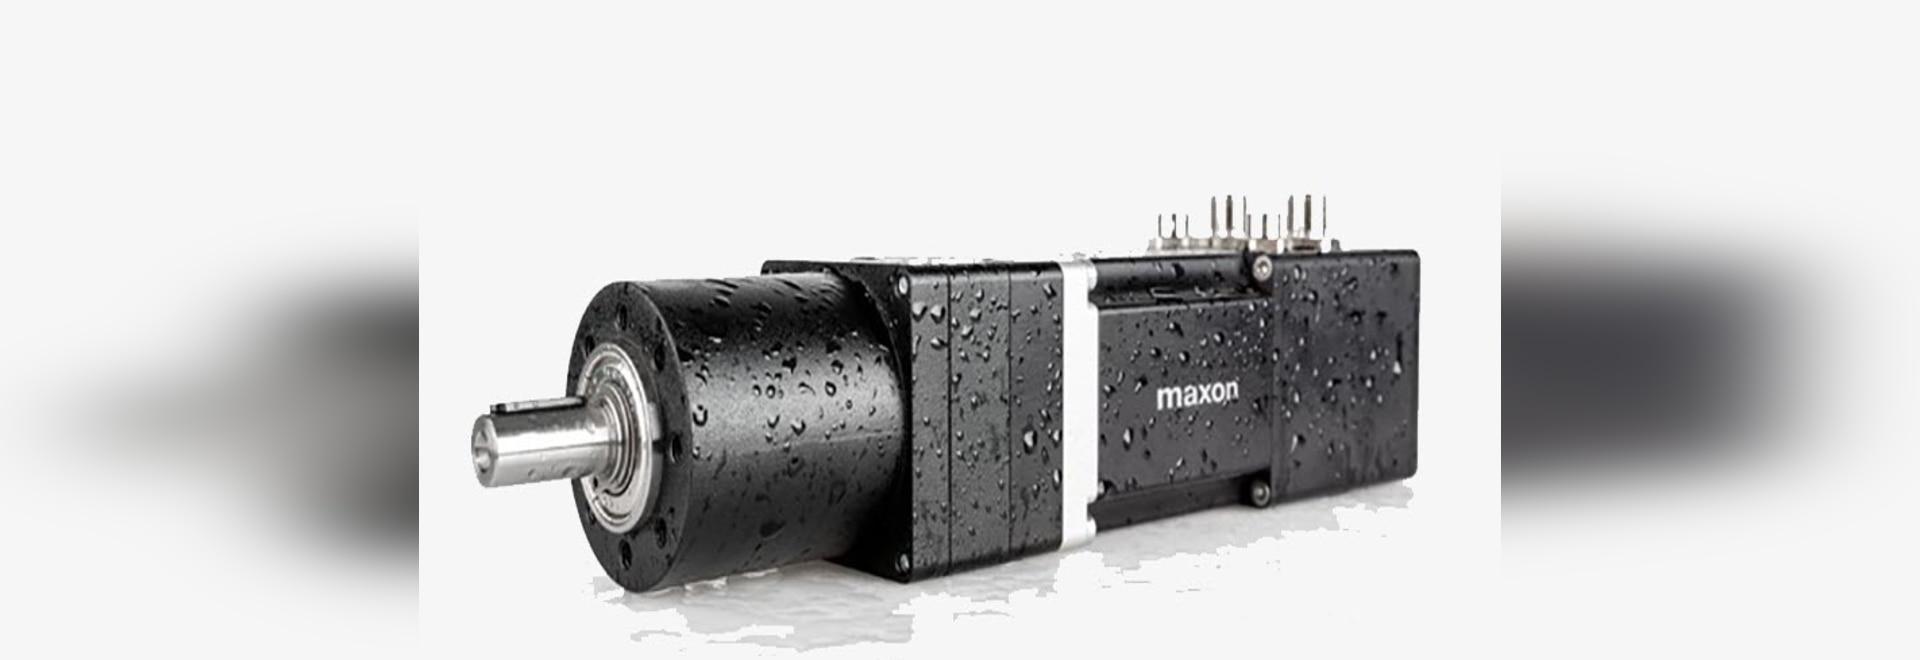 Maxon offre un lecteur compact IDX